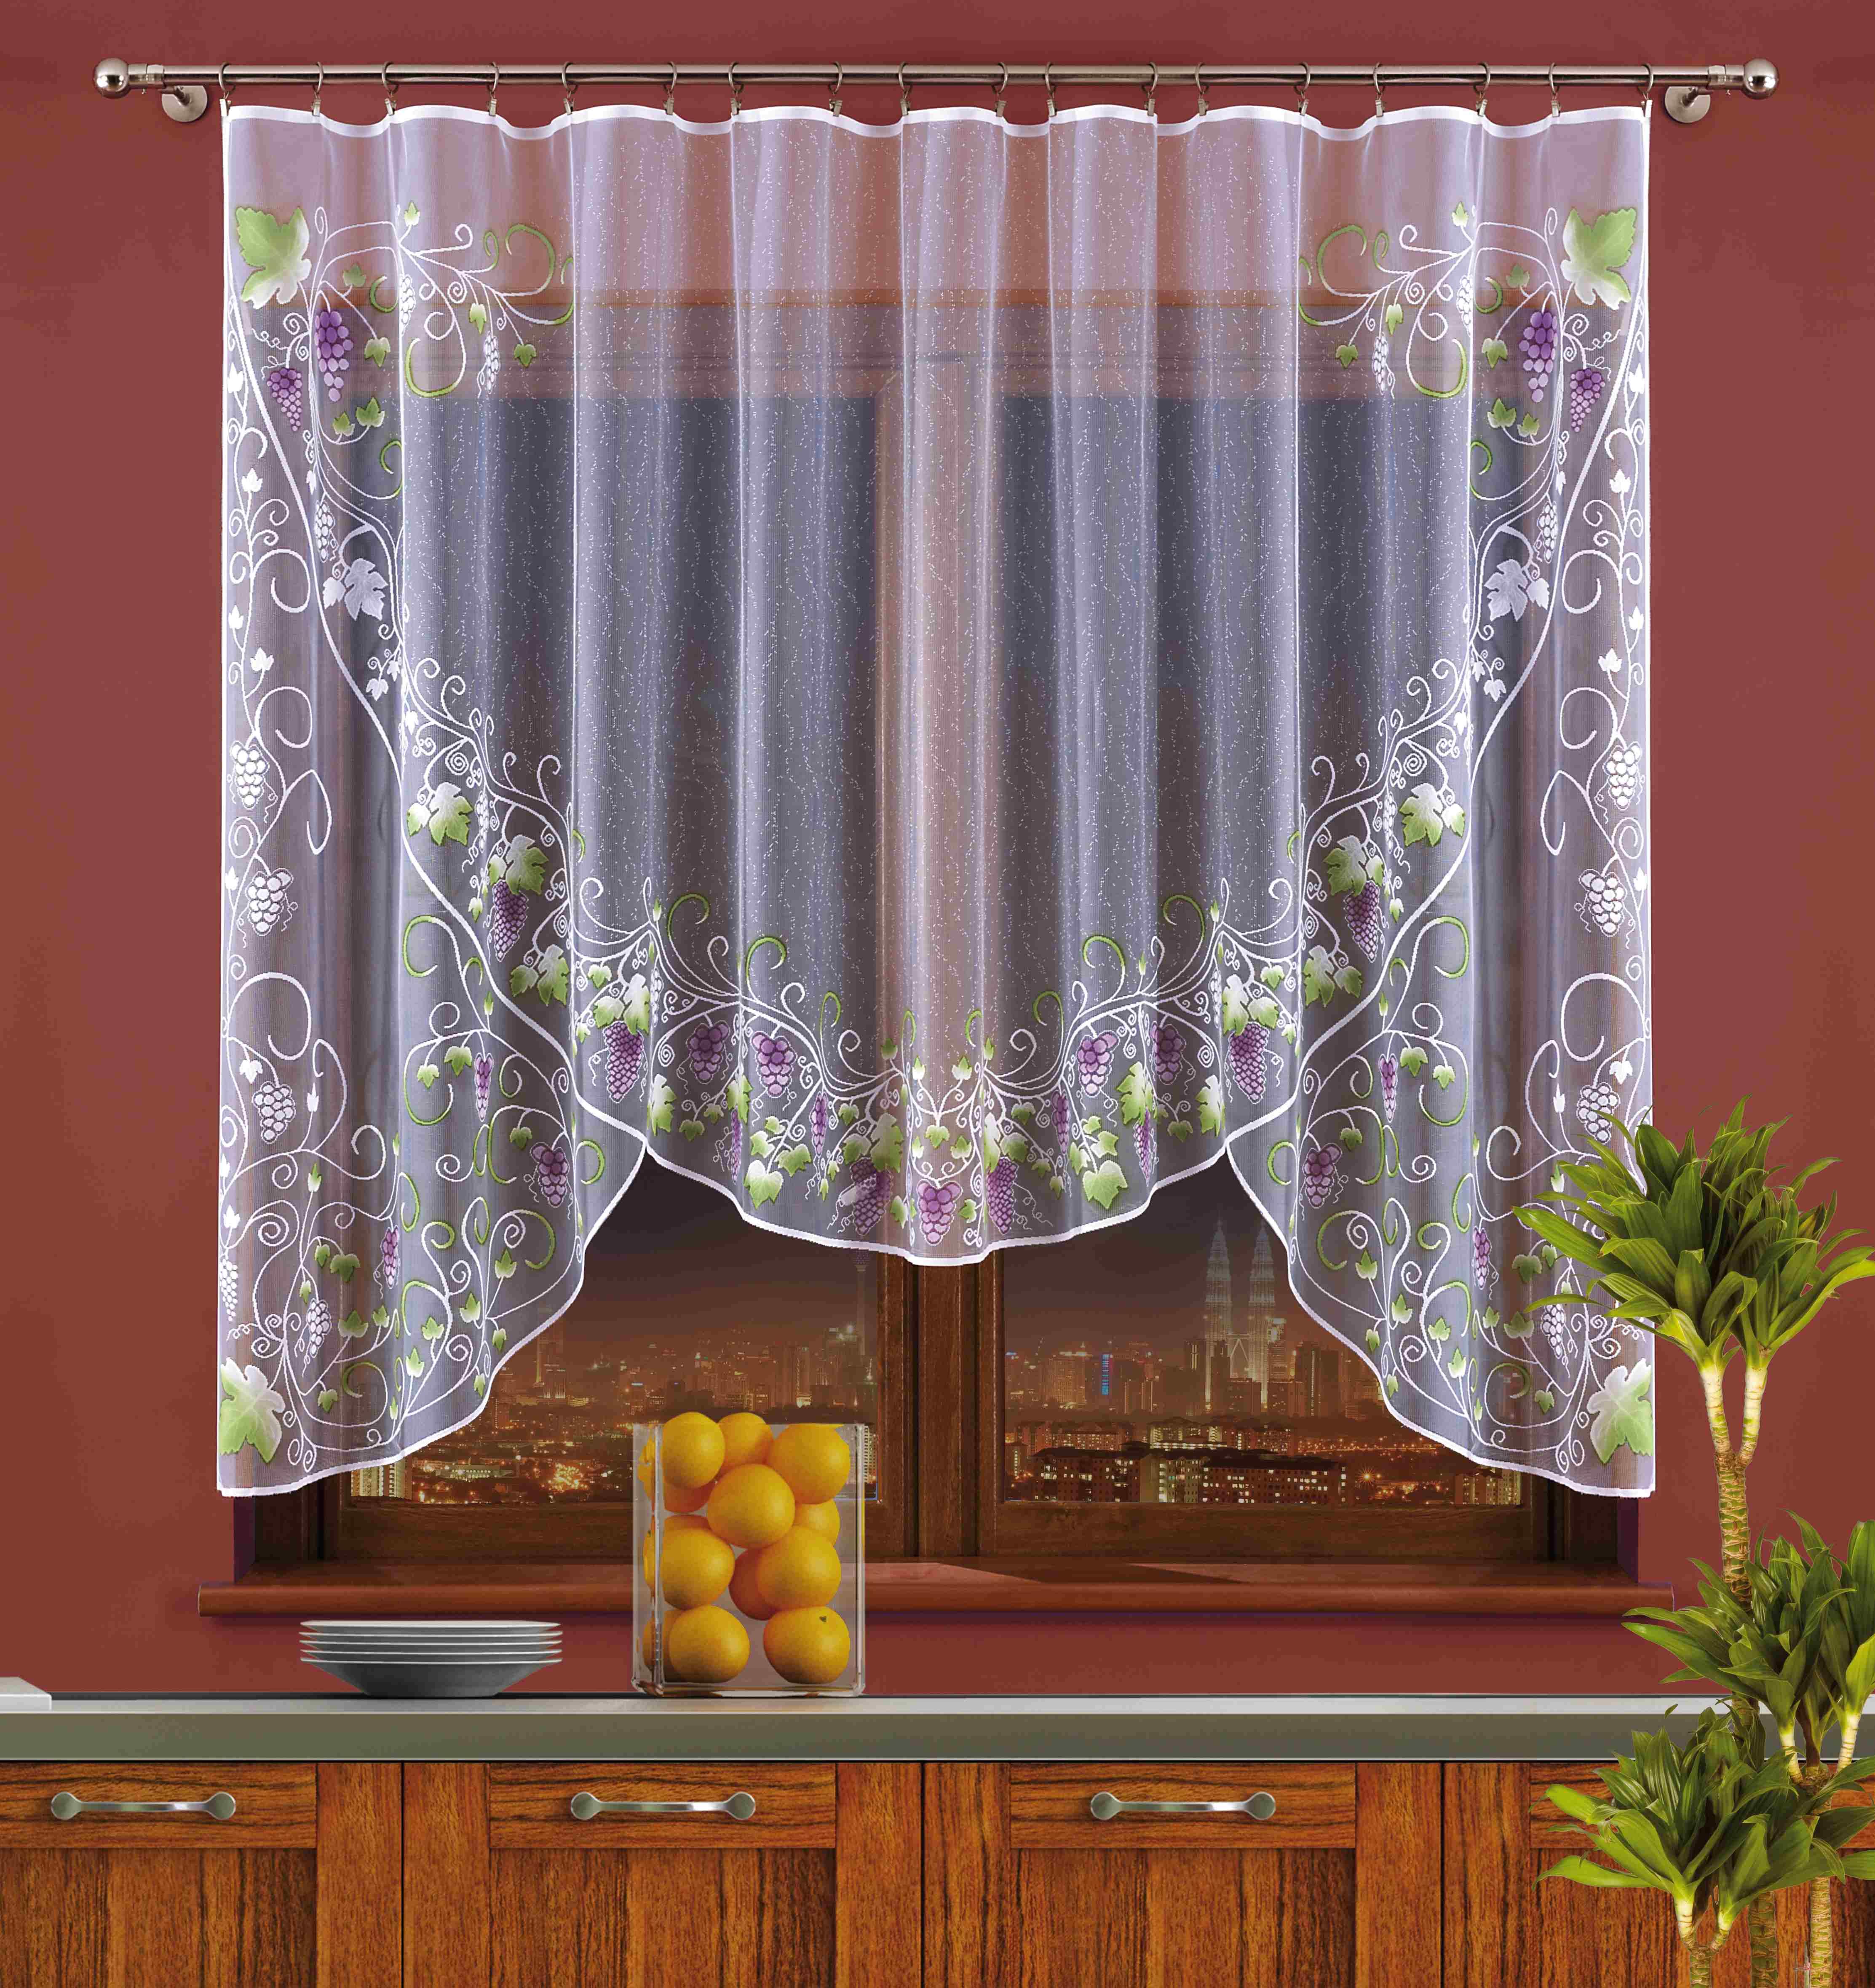 Штора для кухни Wisan, на ленте, цвет: белый, фиолетовый, зеленый, высота 150 см. 706А706АШтора Wisan, выполненная из легкого полупрозрачного полиэстера, станет великолепным украшением кухонного окна. Изделие имеет ассиметричную длину и красивый рисунок в виде гроздей винограда по краю. Качественный материал и оригинальный дизайн привлекут к себе внимание и позволят шторе органично вписаться в интерьер помещения. Штора оснащена шторной лентой под зажимы для крепления на карниз.